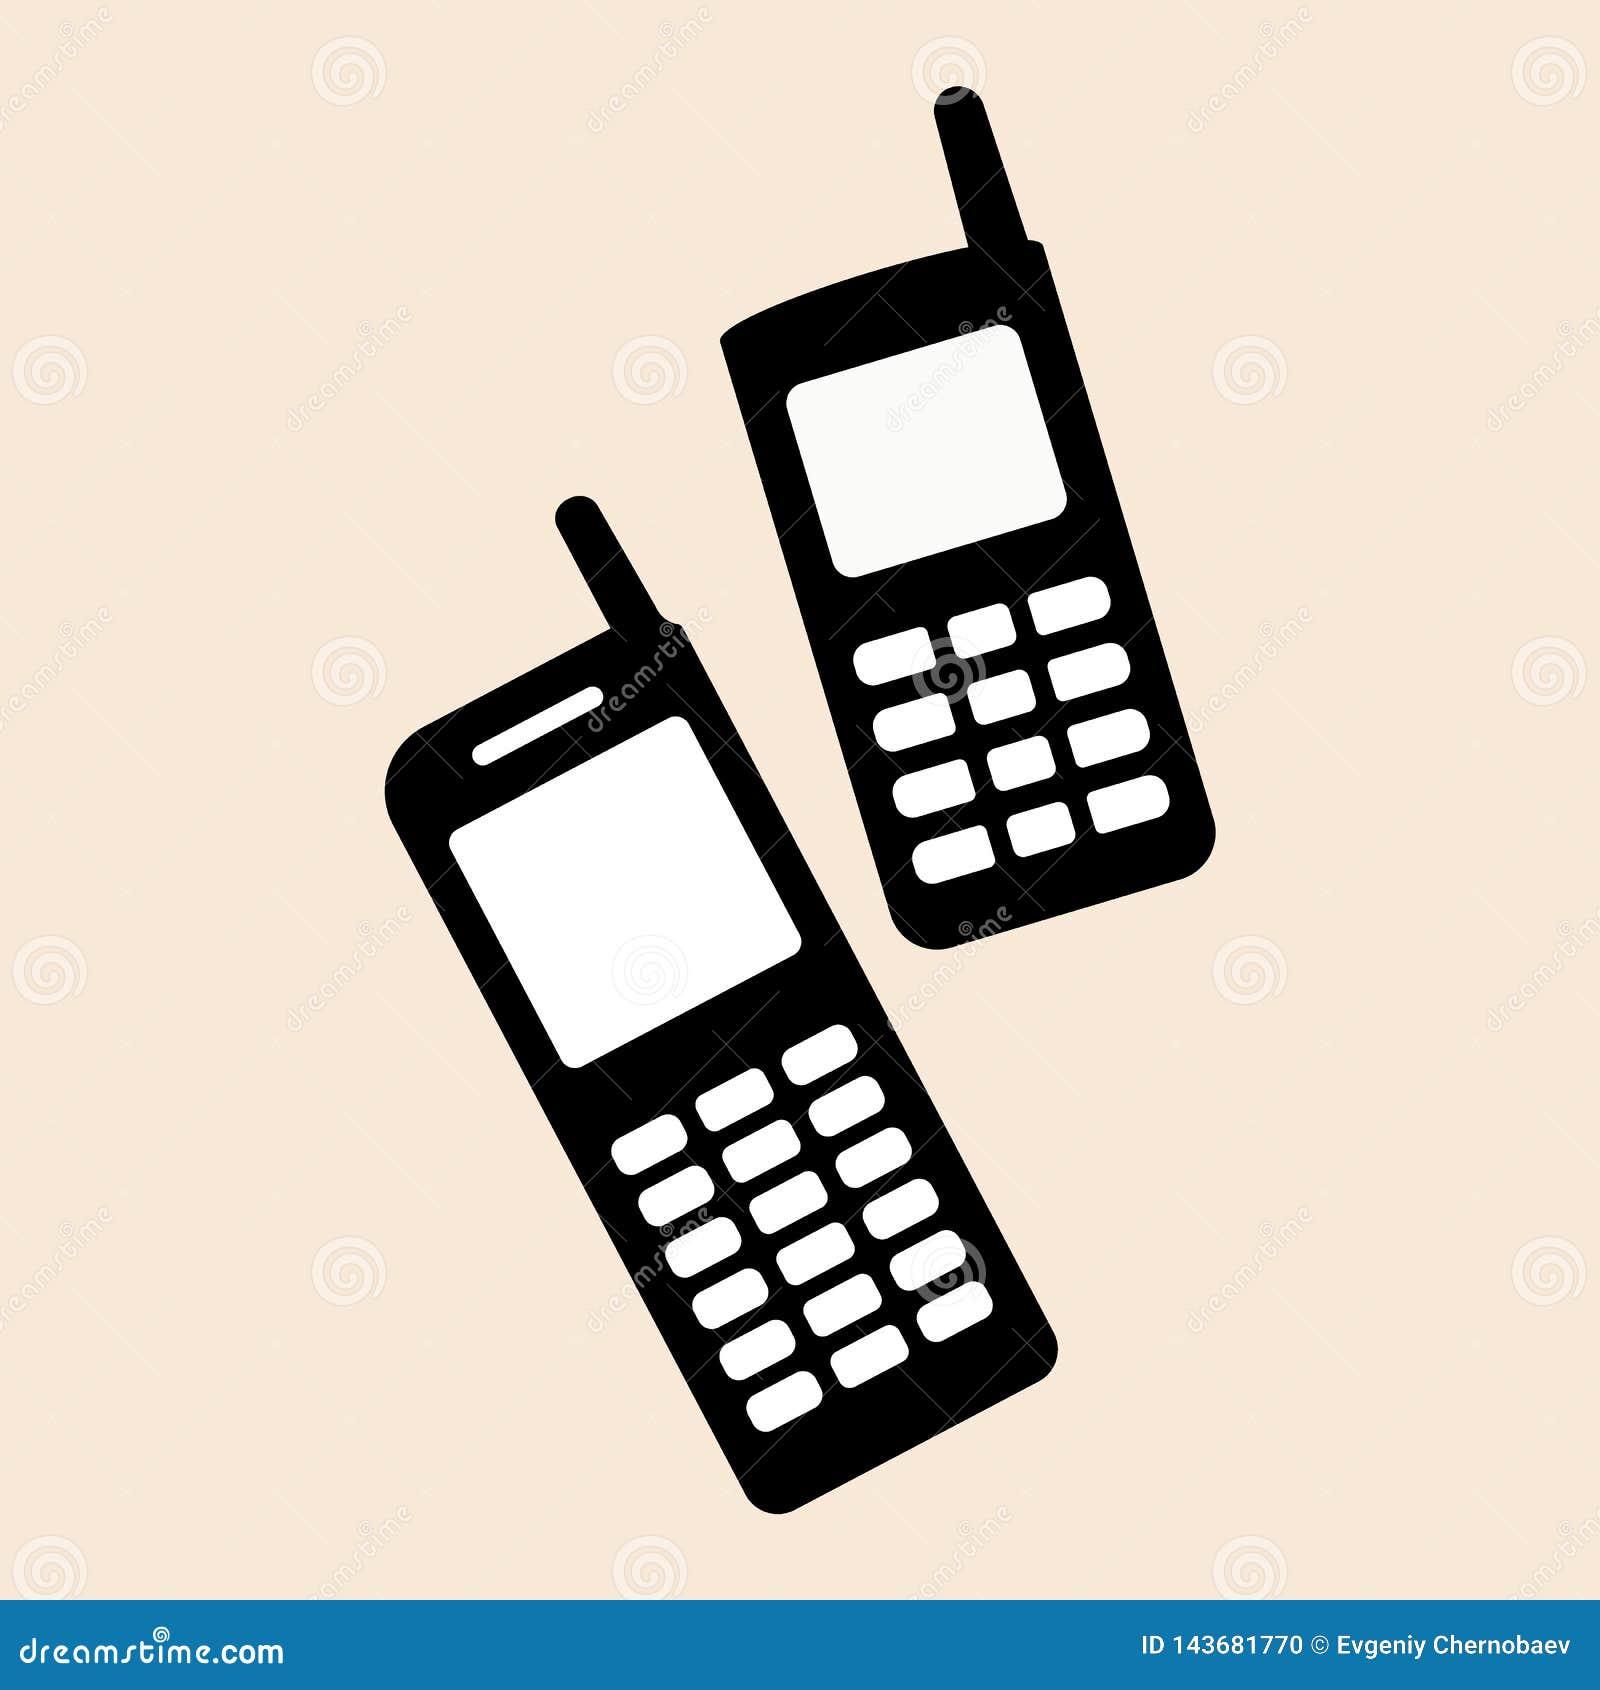 Old style nokia two mobile phones set Mobile phone nokia support icon vector eps10. Old mobile phone retro icon.